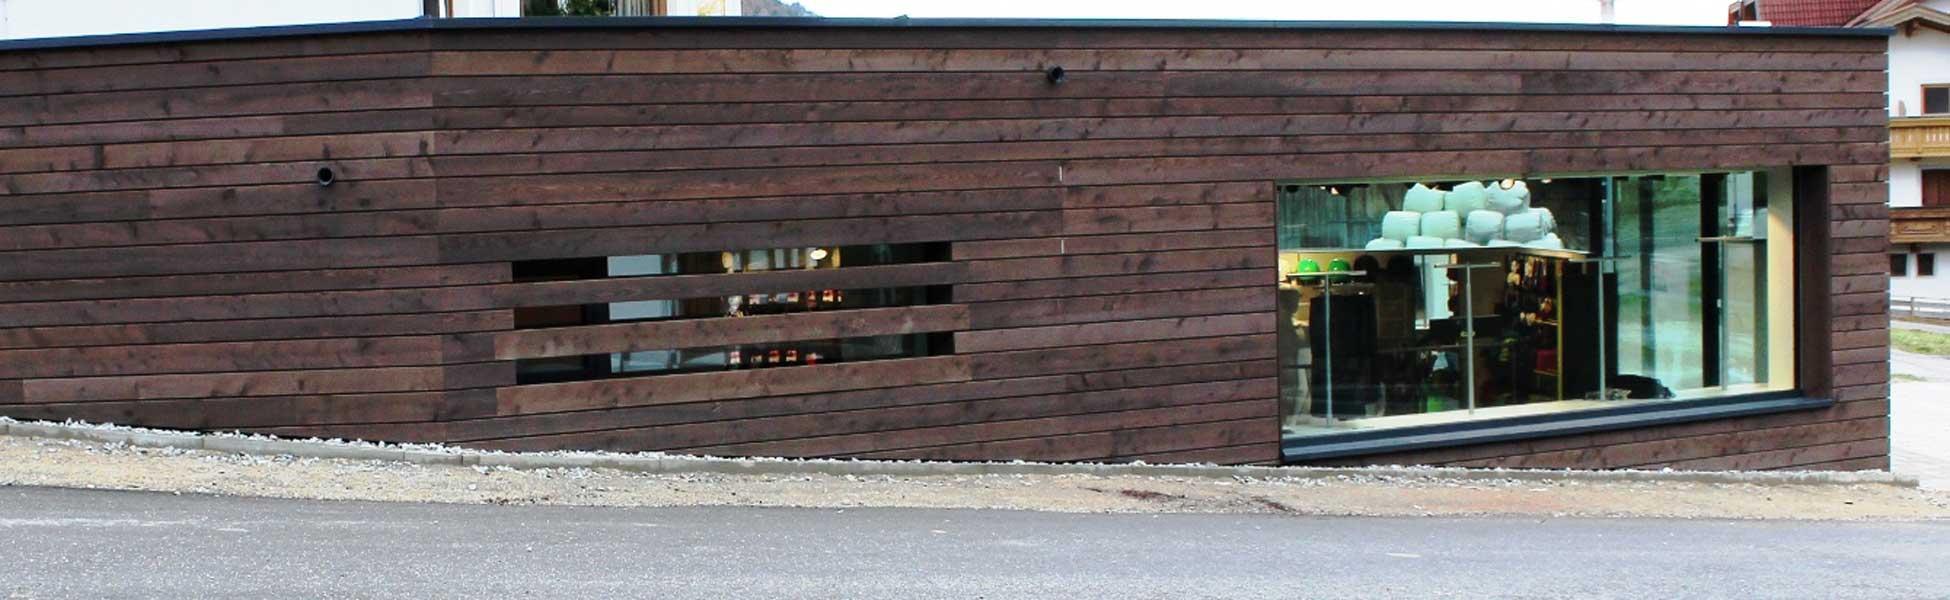 Hfr wood building specializzata nella costruzione di case for Case costruite su pendii